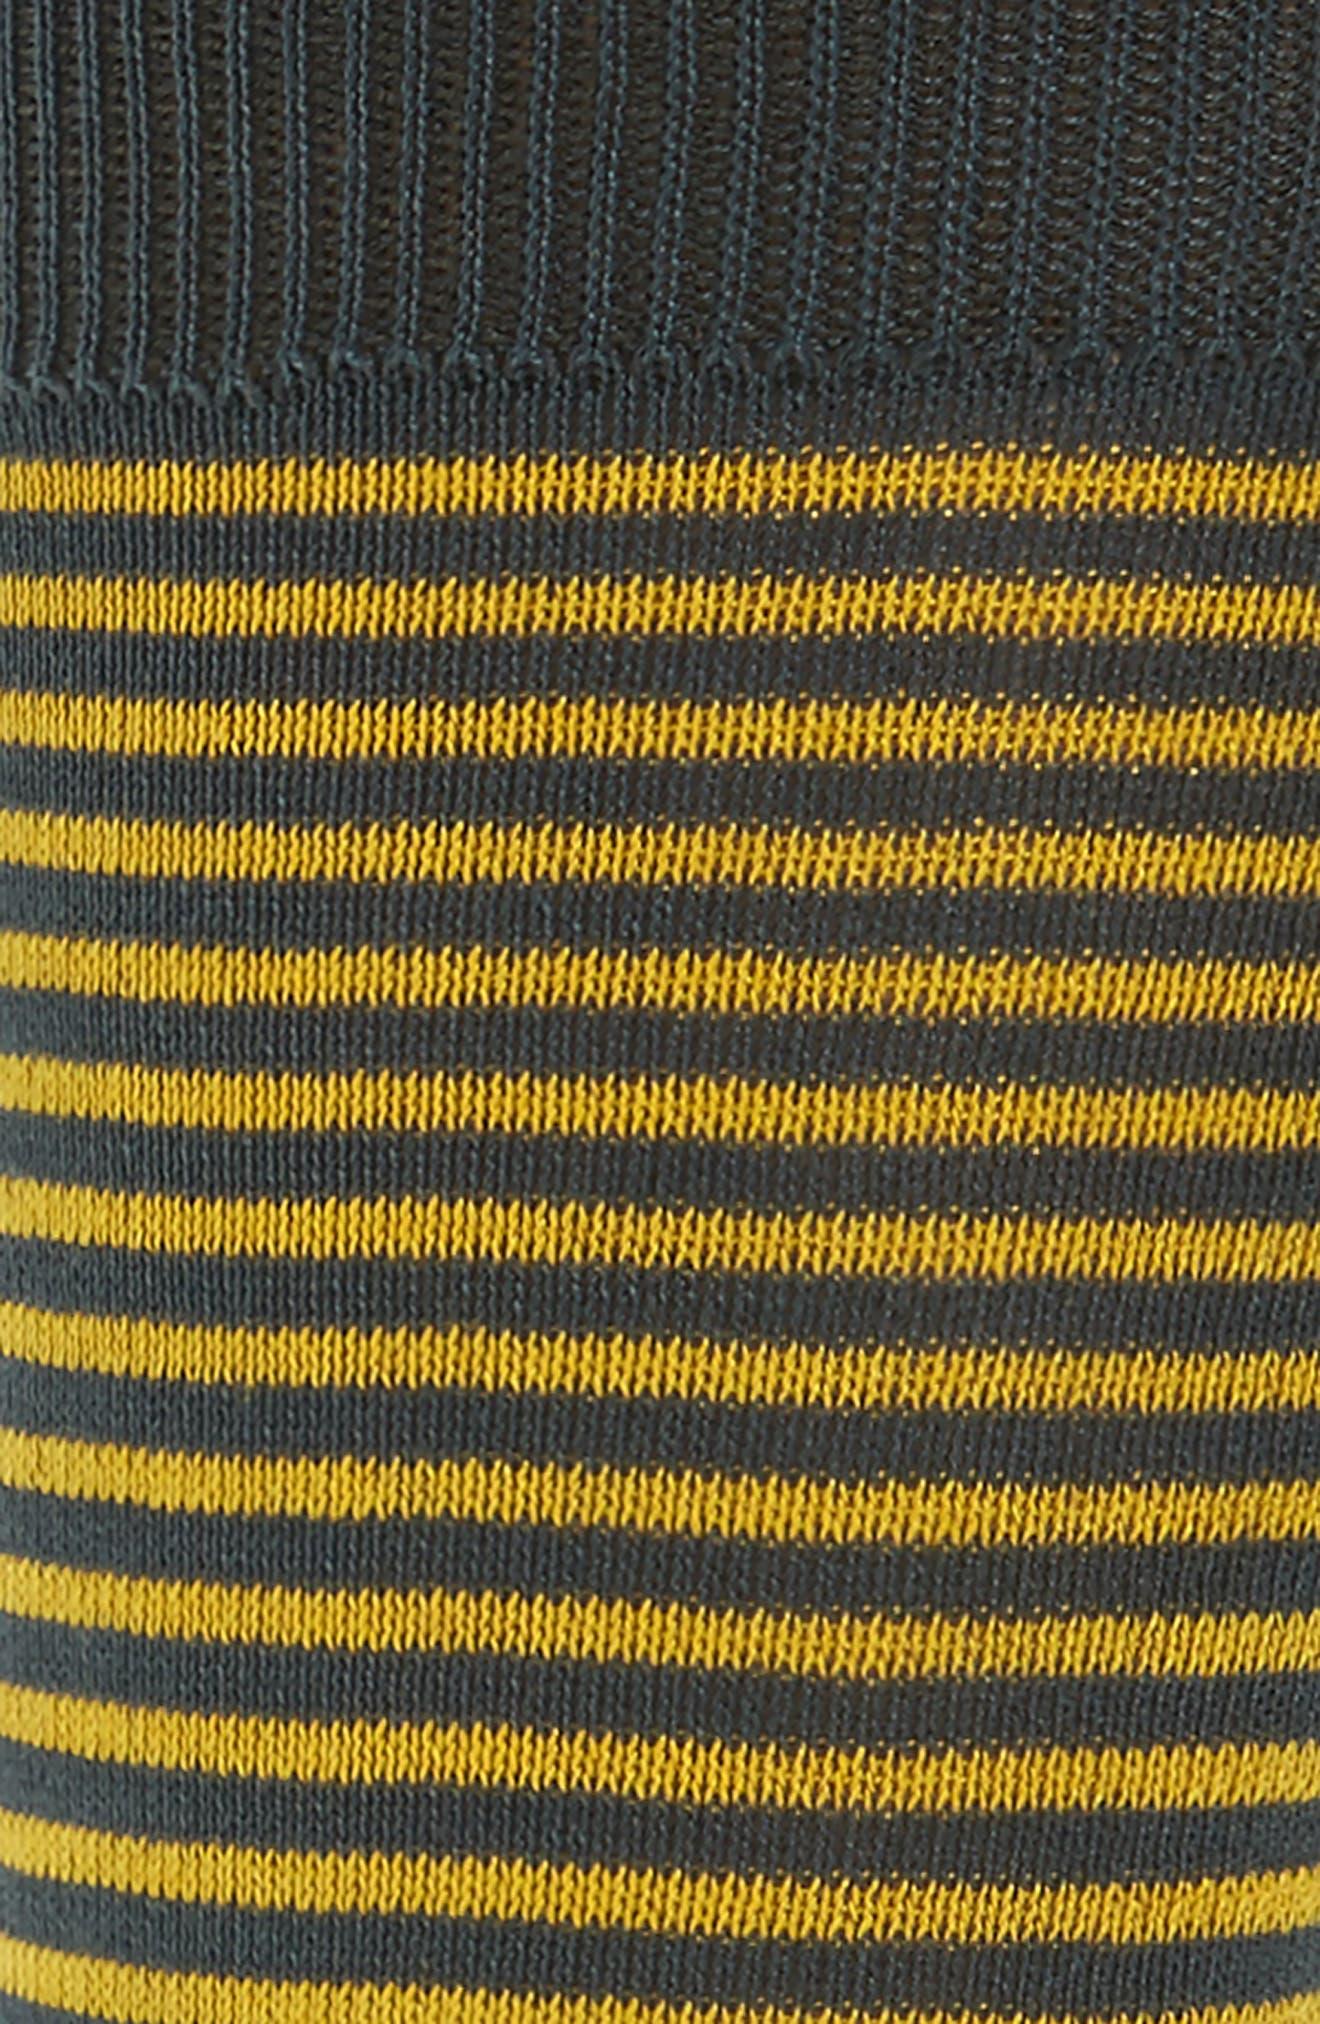 Mini Two-Stripe Socks,                             Alternate thumbnail 2, color,                             Black/ Yellow